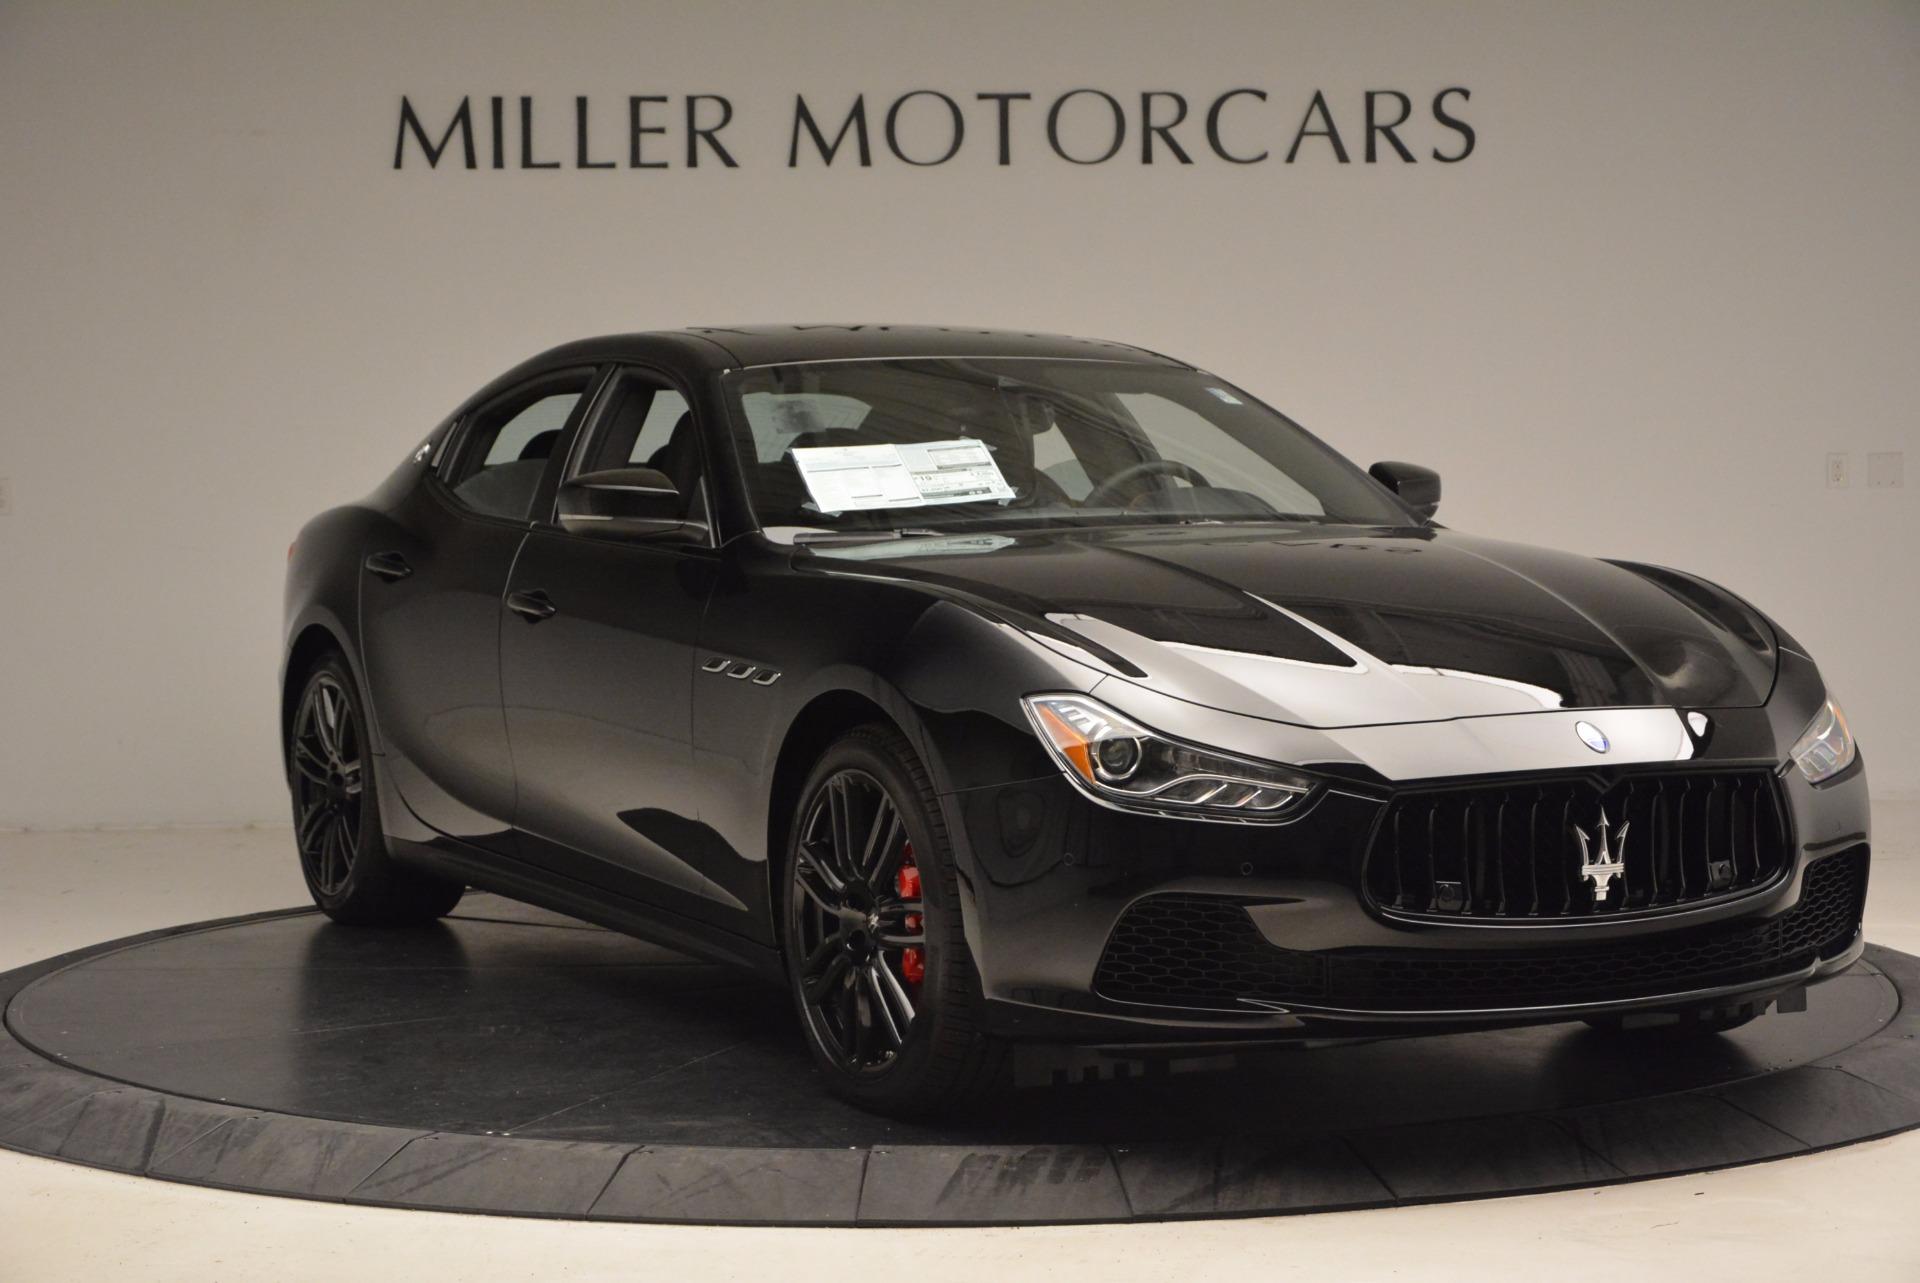 New 2017 Maserati Ghibli Nerissimo Edition S Q4 For Sale In Greenwich, CT 1419_p11